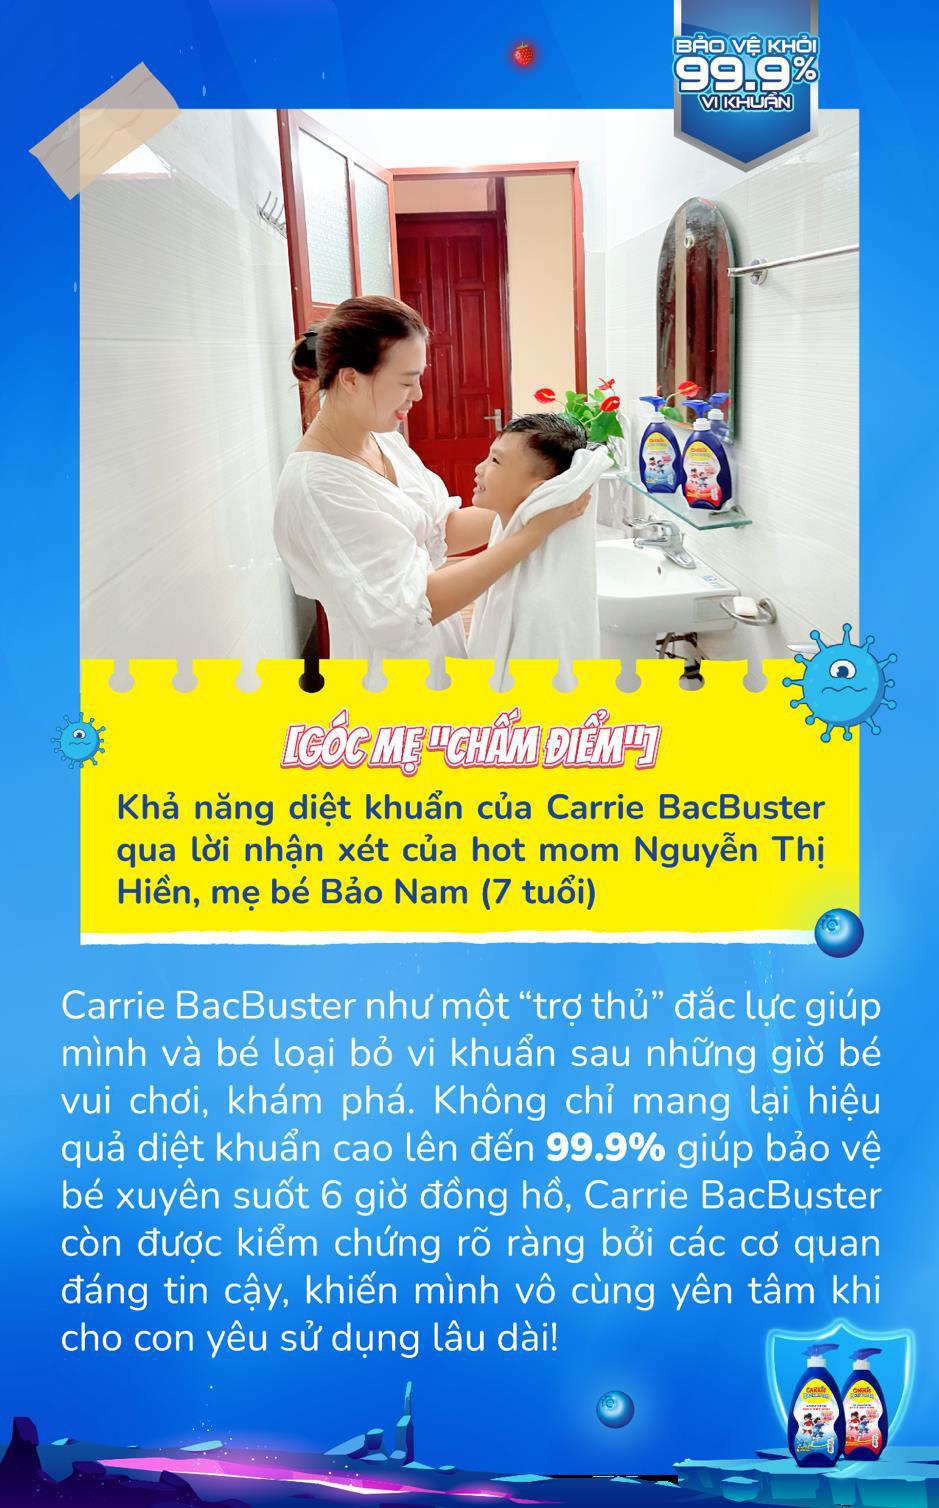 Cùng các mẹ tìm hiểu về loại sữa tắm giúp mẹ đánh bay vi khuẩn tốt, bé vui suốt ngày dài